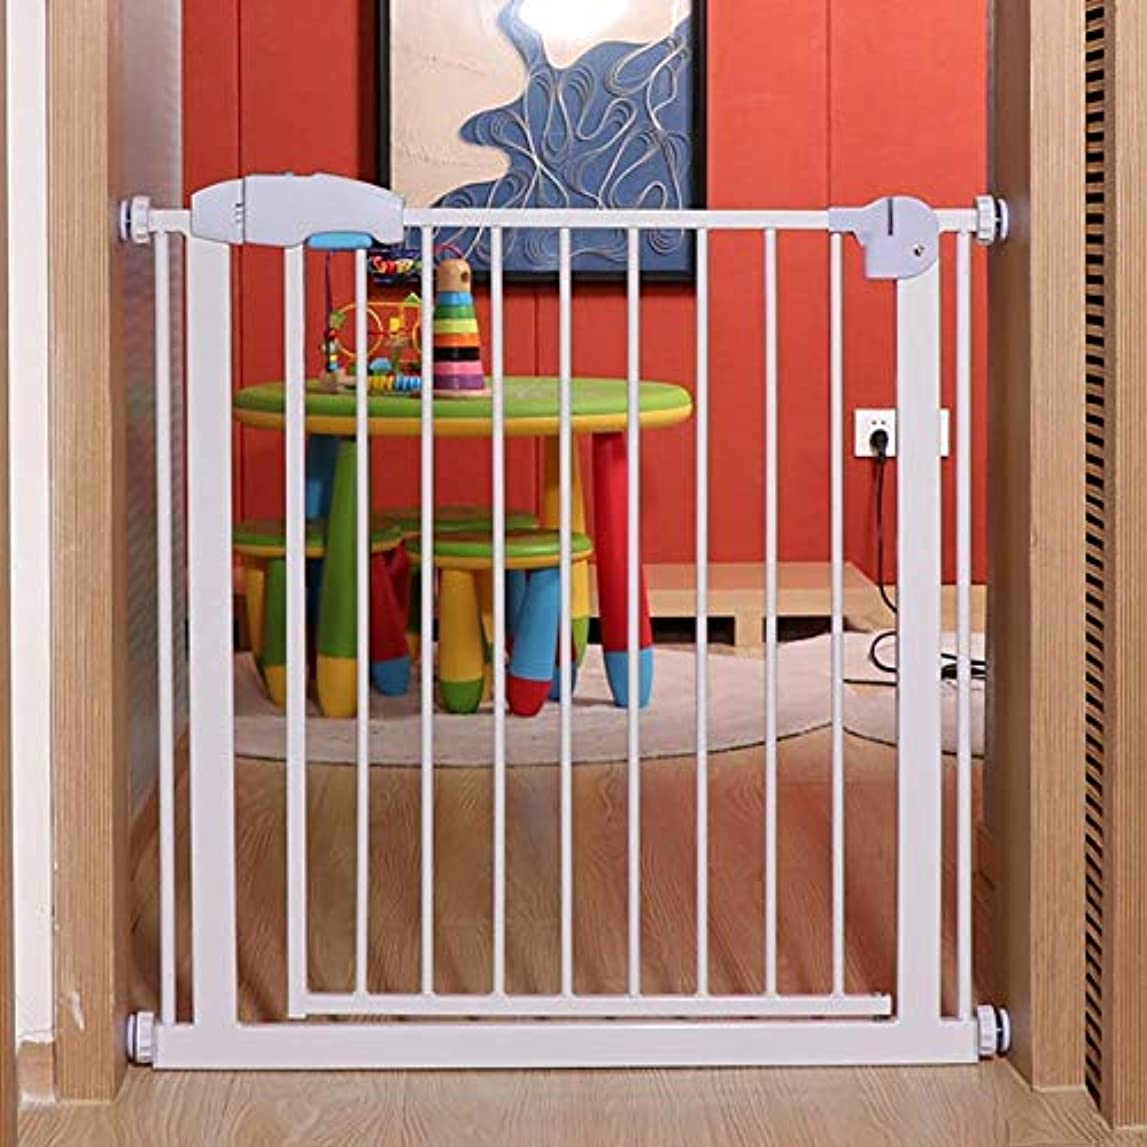 メリー貧困プランター育児 ベビーゲート 階段/ドアのための子供の安全ゲート階段バリアベビーペットゲート拡張可能 ベビーフェンス